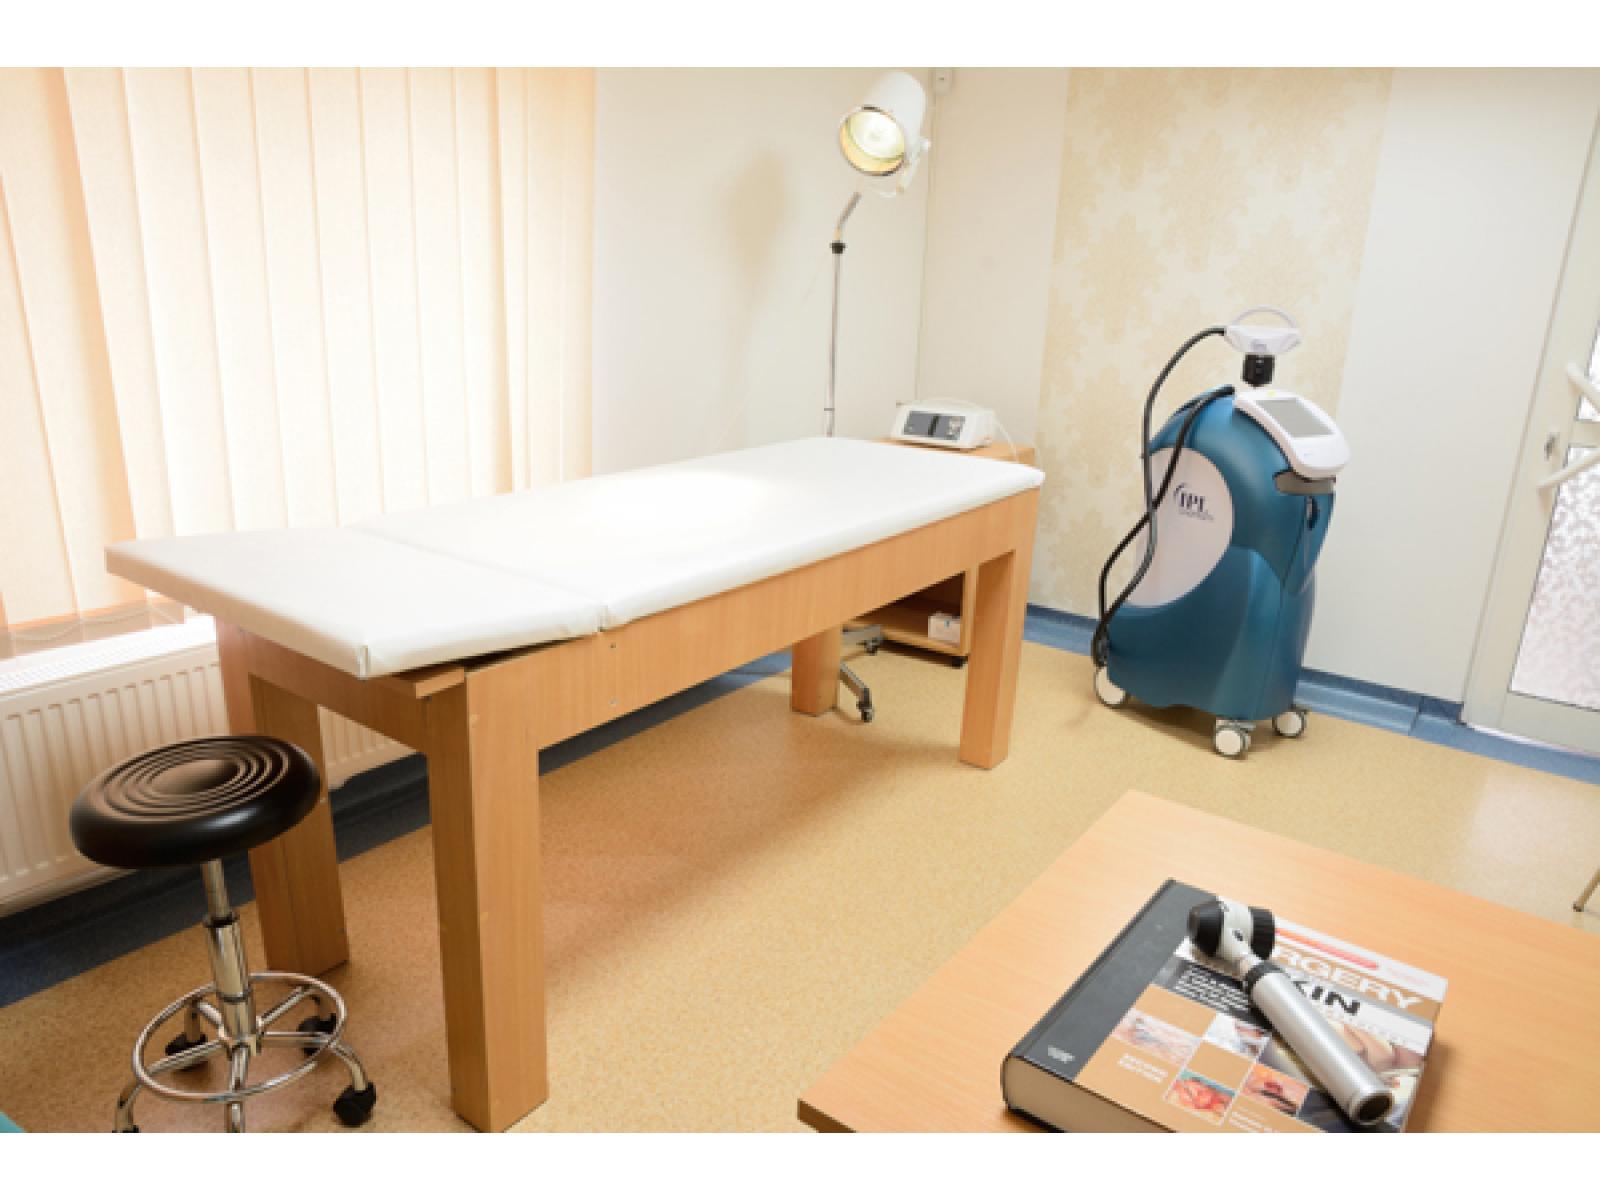 Dermisana-Clinica Dermato-estetica - dermatologie_dermisana_18.jpg